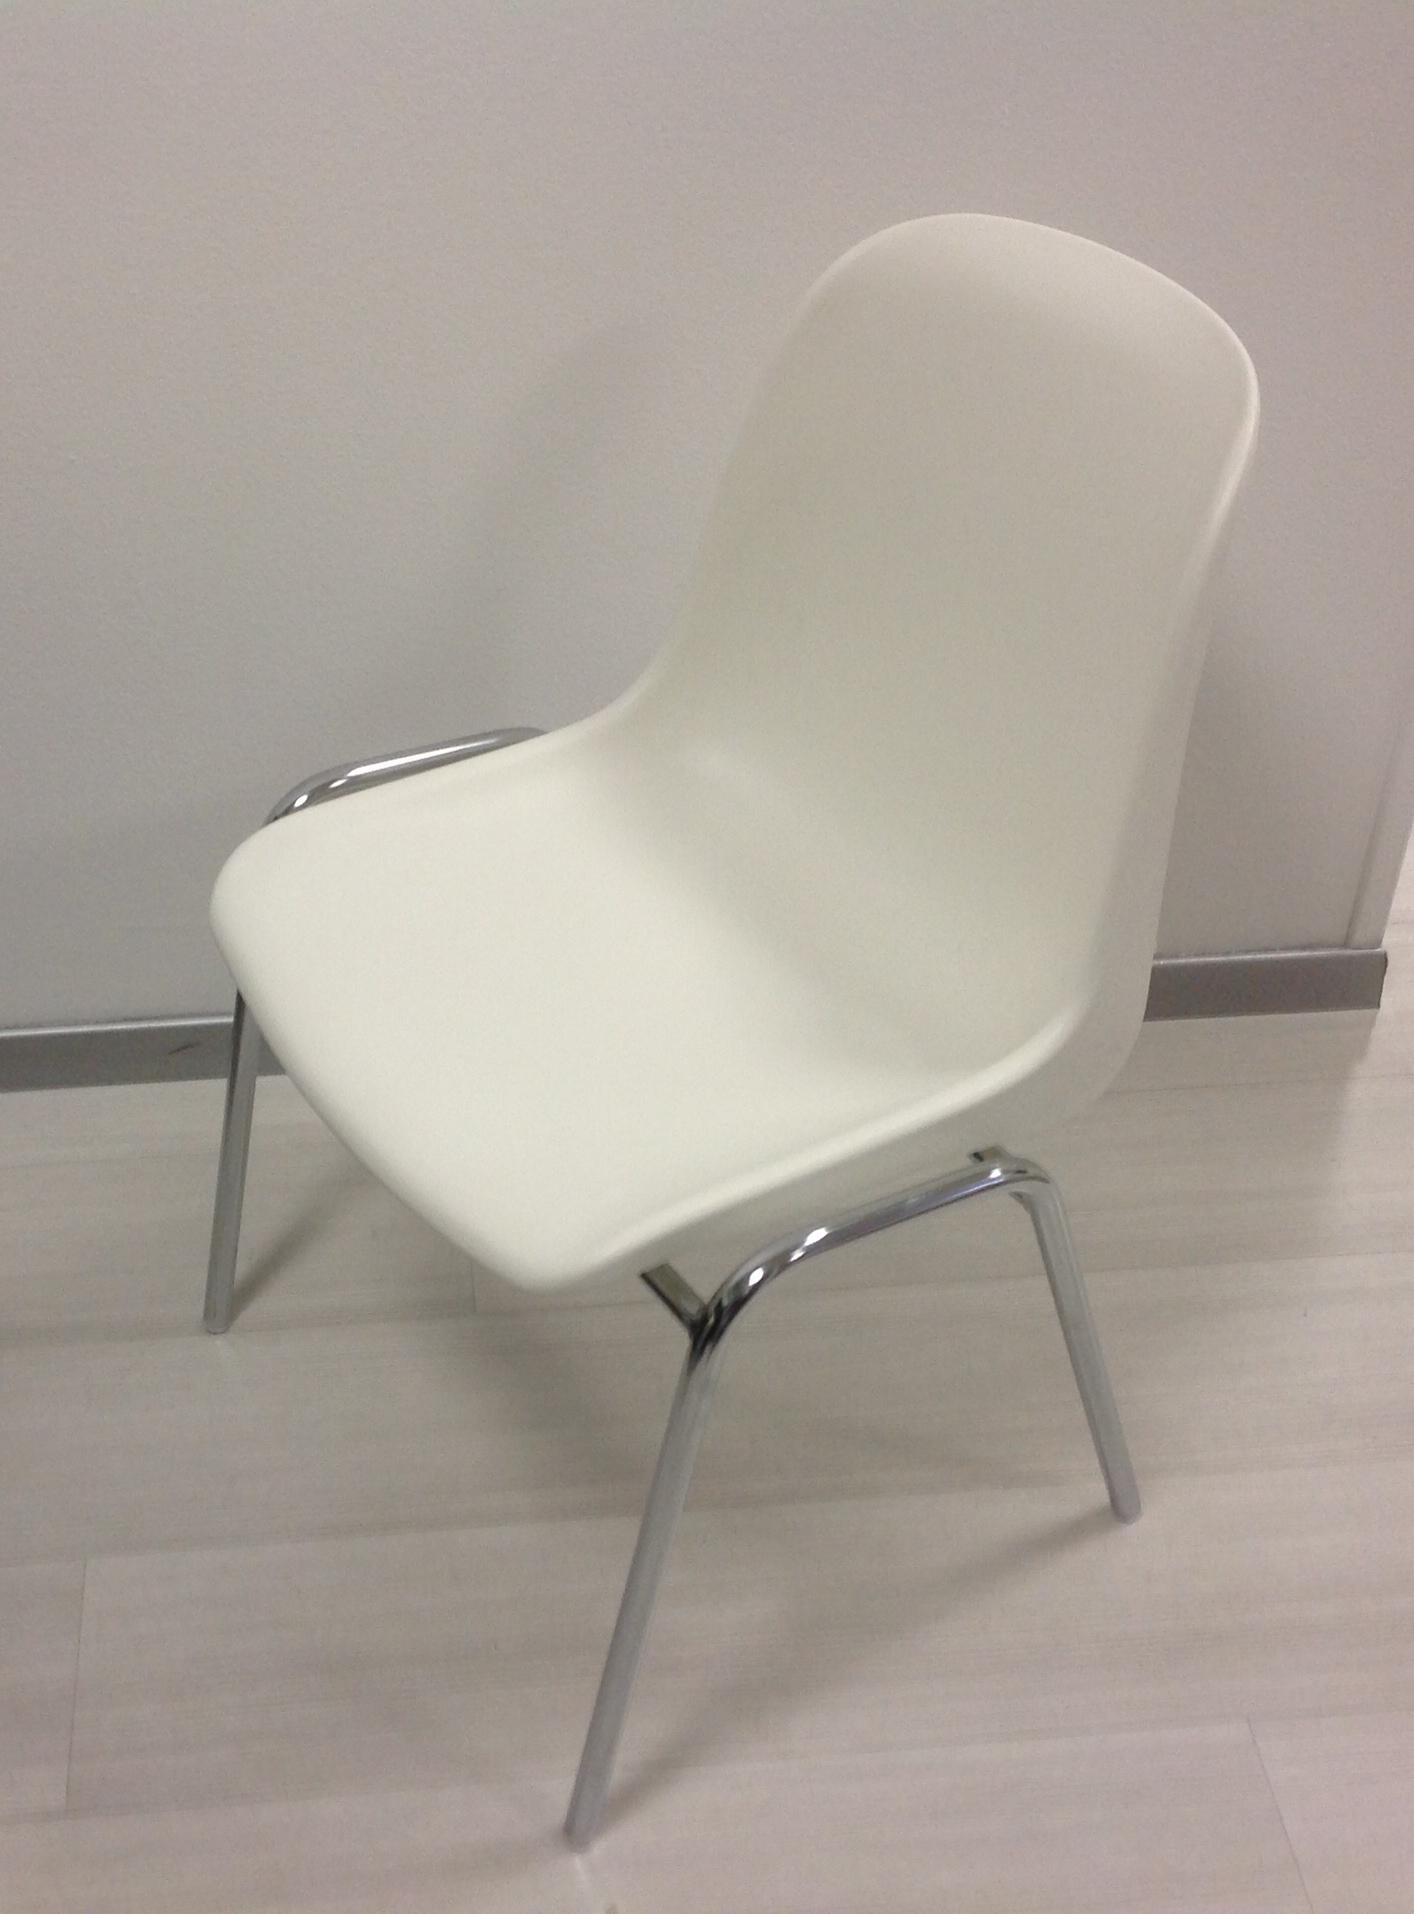 Sedie moderne modello marbella sedie a prezzi scontati for Sedie moderne prezzi